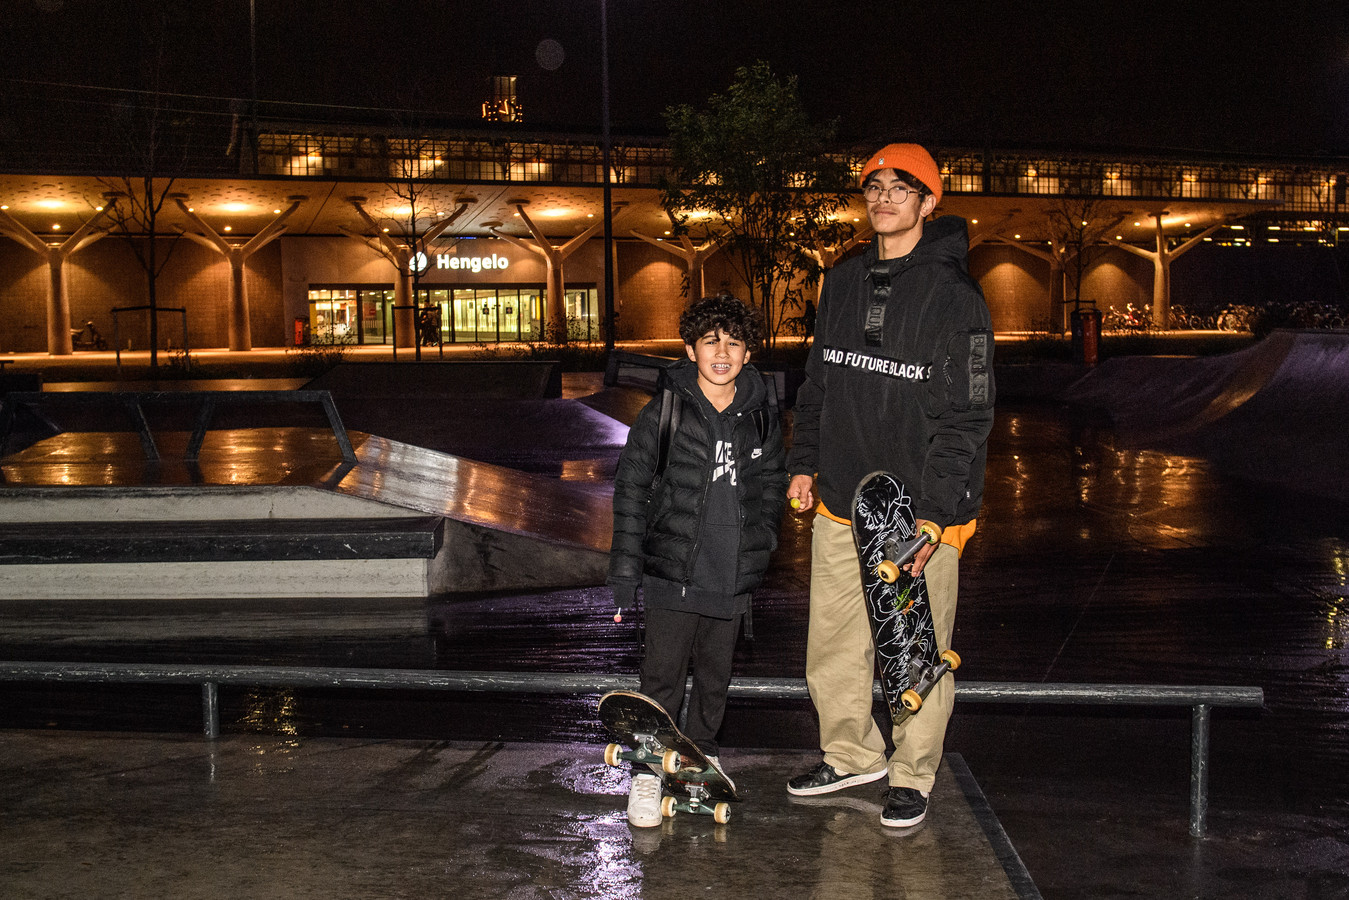 Arda (12 jaar, Almelo) en Rivanell (17 jaar, Hengelo) op de skatebaan. In hun hand een Chupa Chup, gekregen van Huub Roncken, die ze gekscherend 'De Lollydealer' noemen.